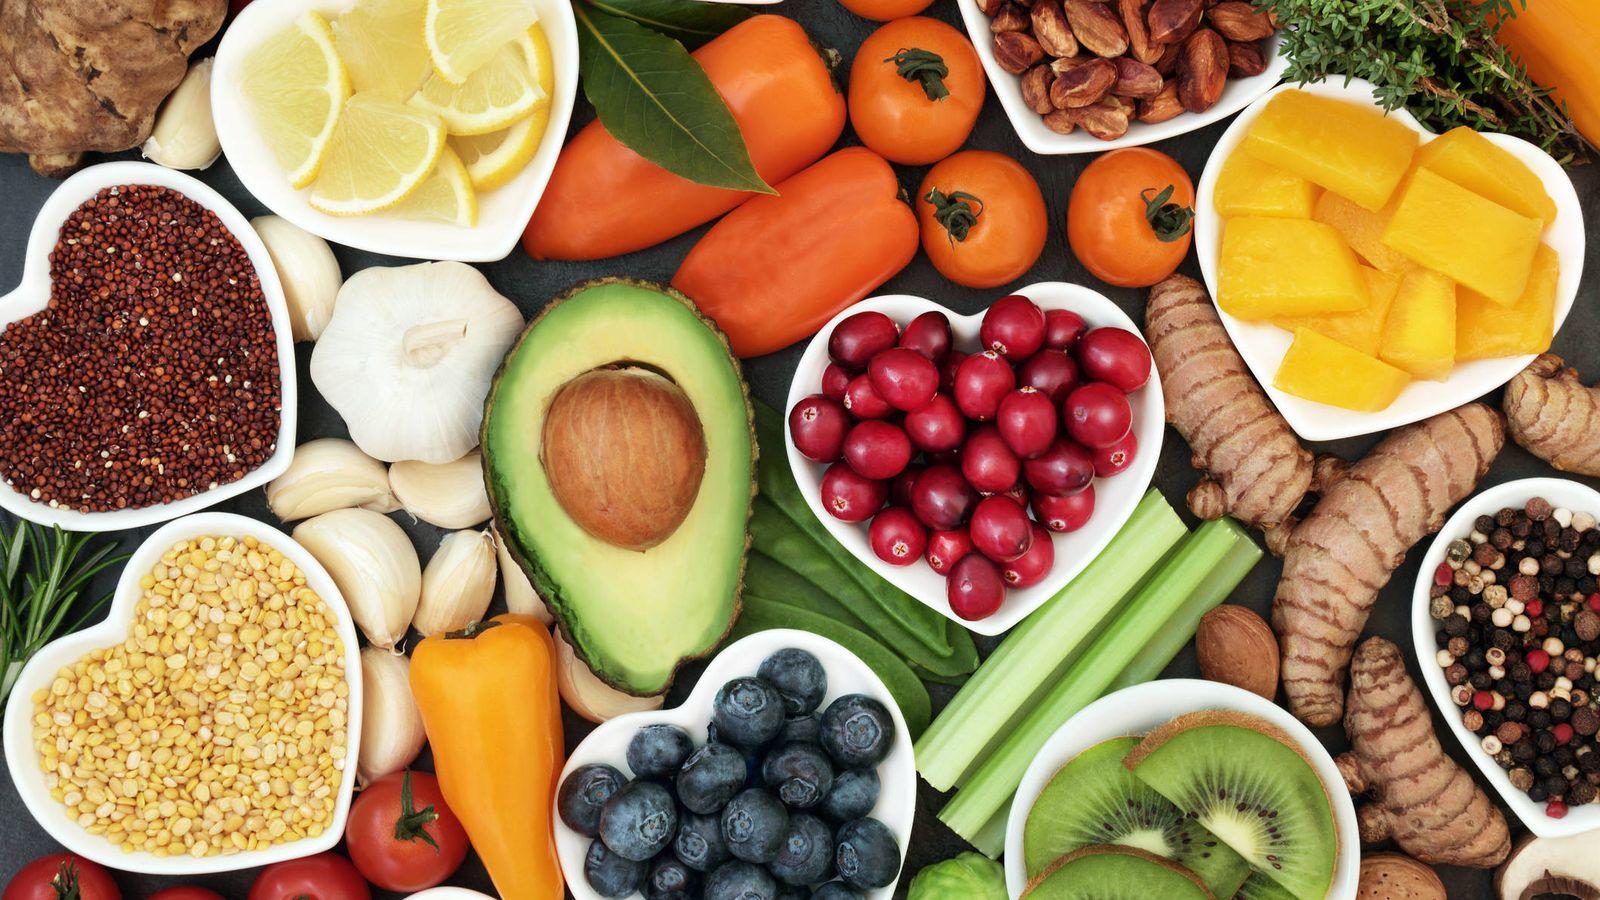 Siga una dieta llena de alimentos ricos en antioxidantes